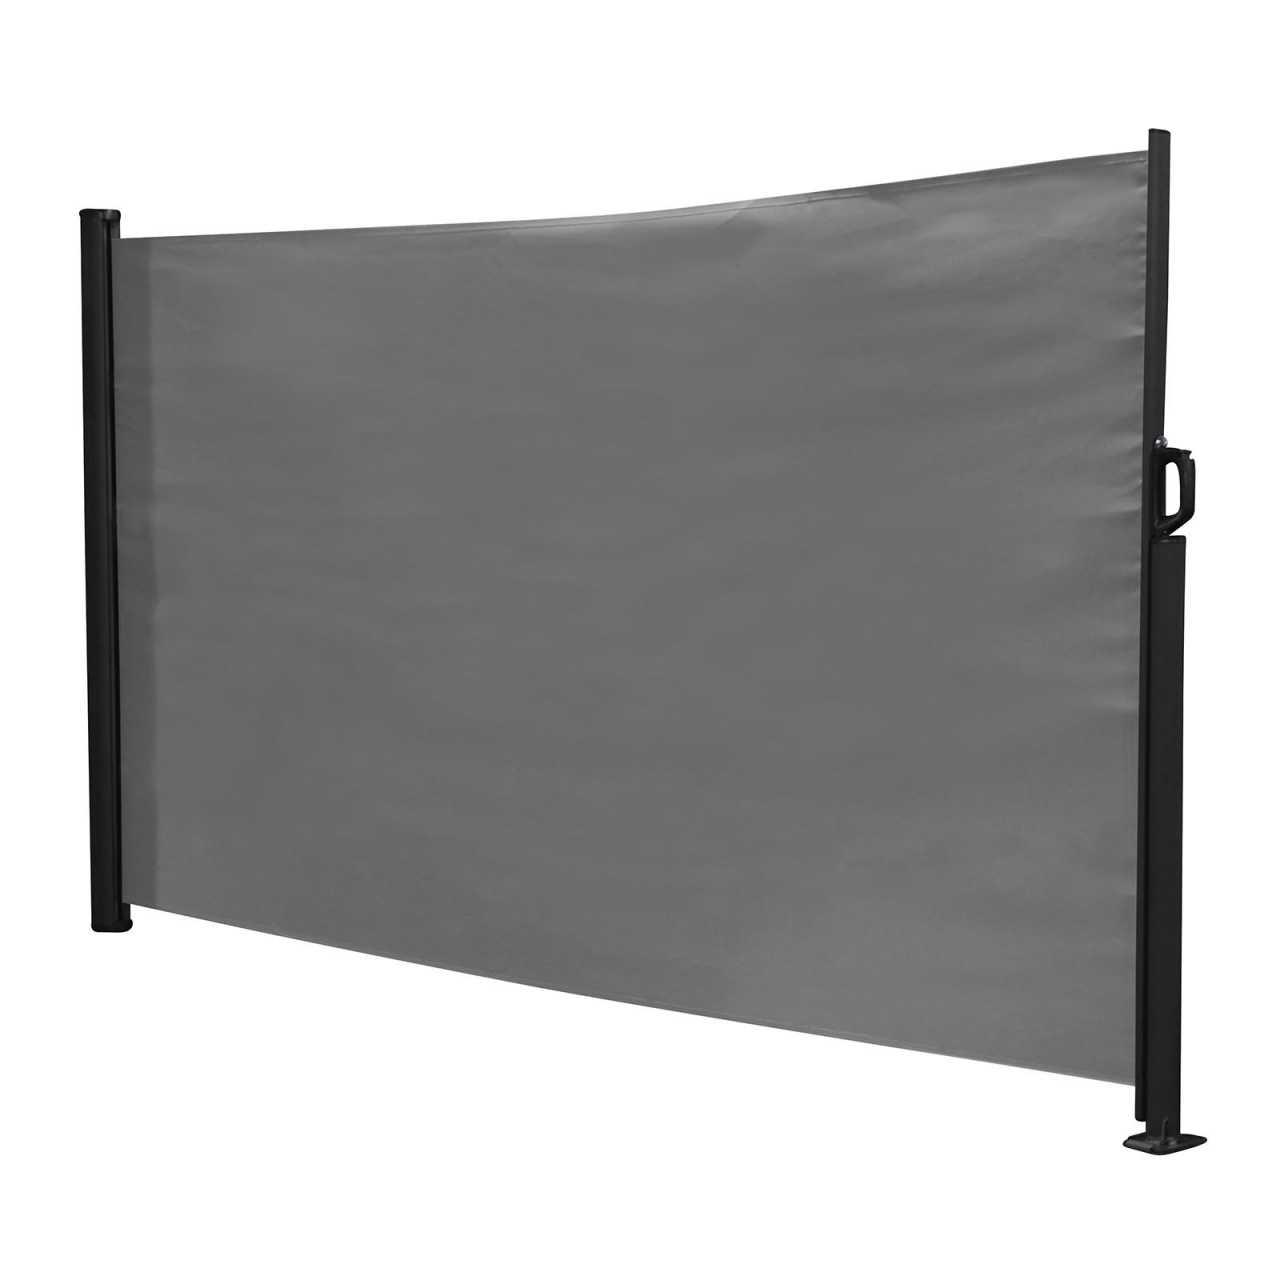 Kynast Seitenmarkise 300x160cm anthrazit Sichtschutz Windschutz